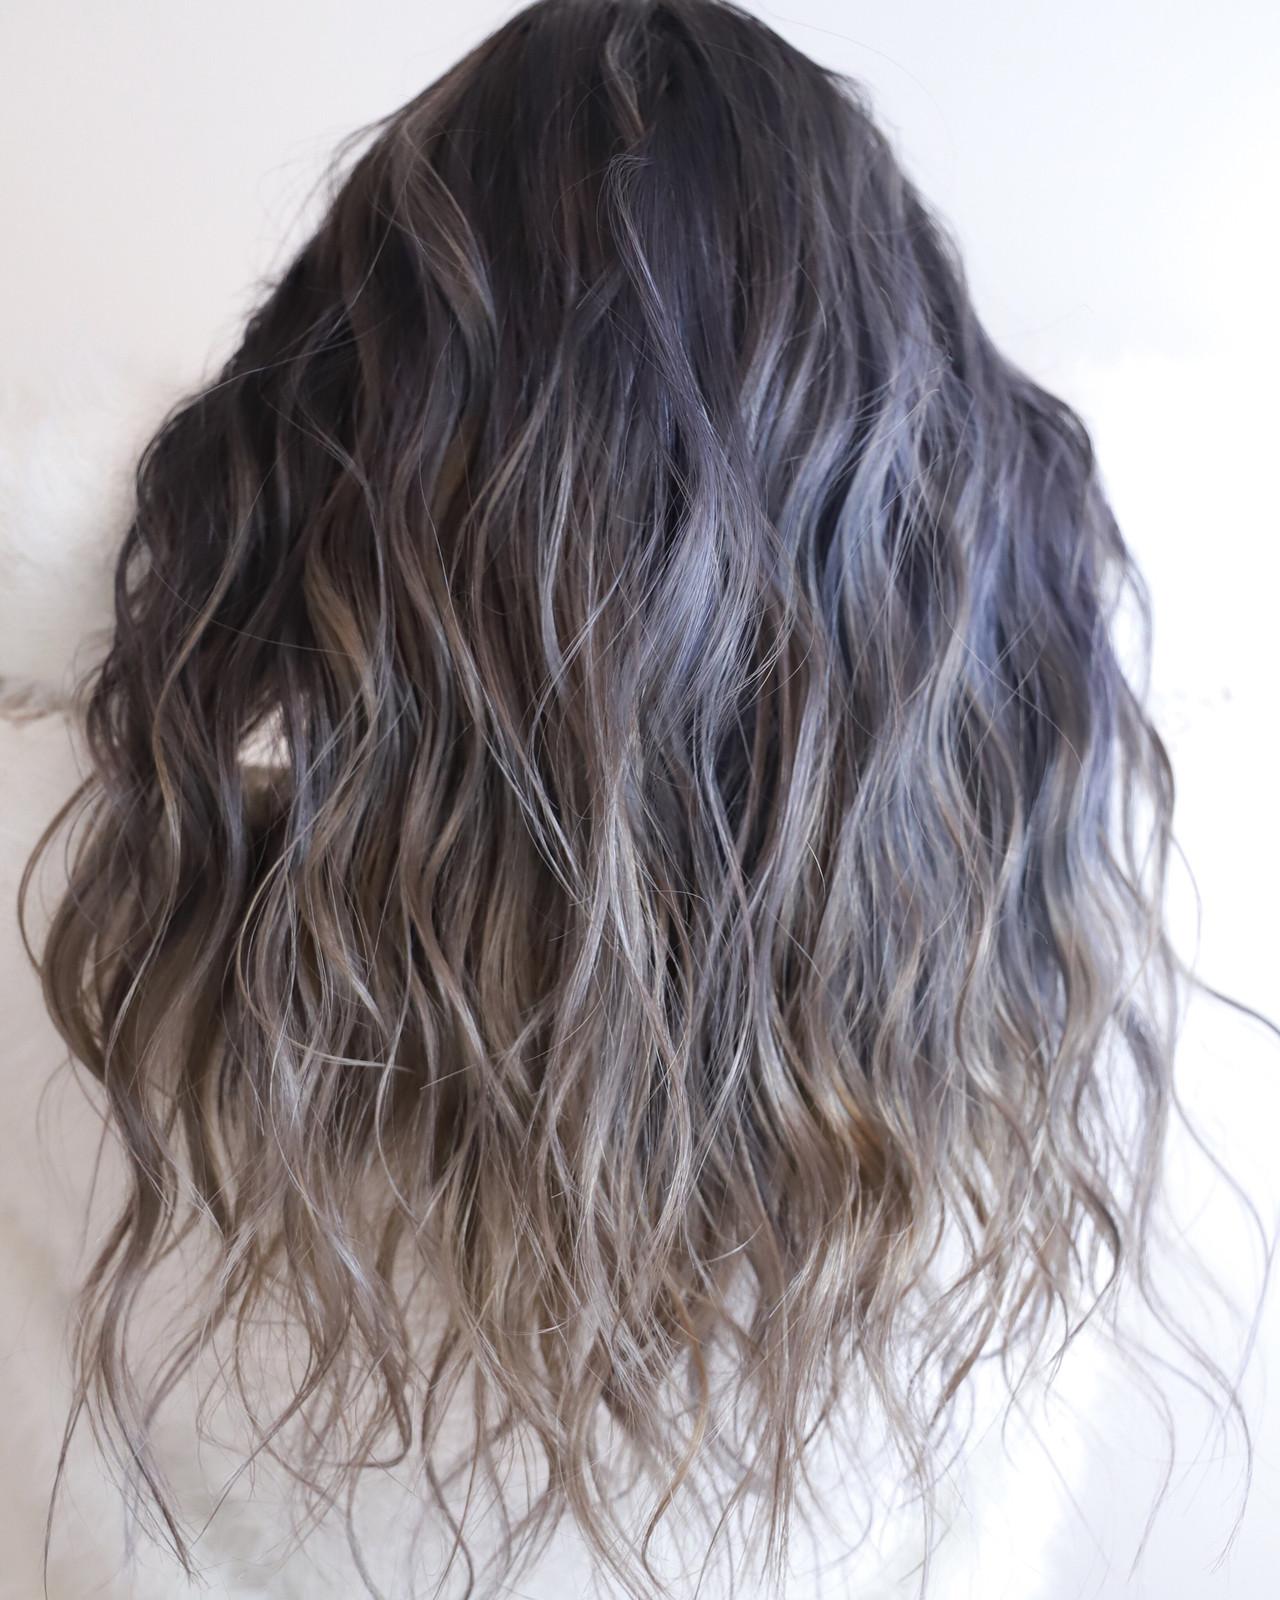 ハイトーン ロング ヘアアレンジ ハイライト ヘアスタイルや髪型の写真・画像 | 今西優 / scissors